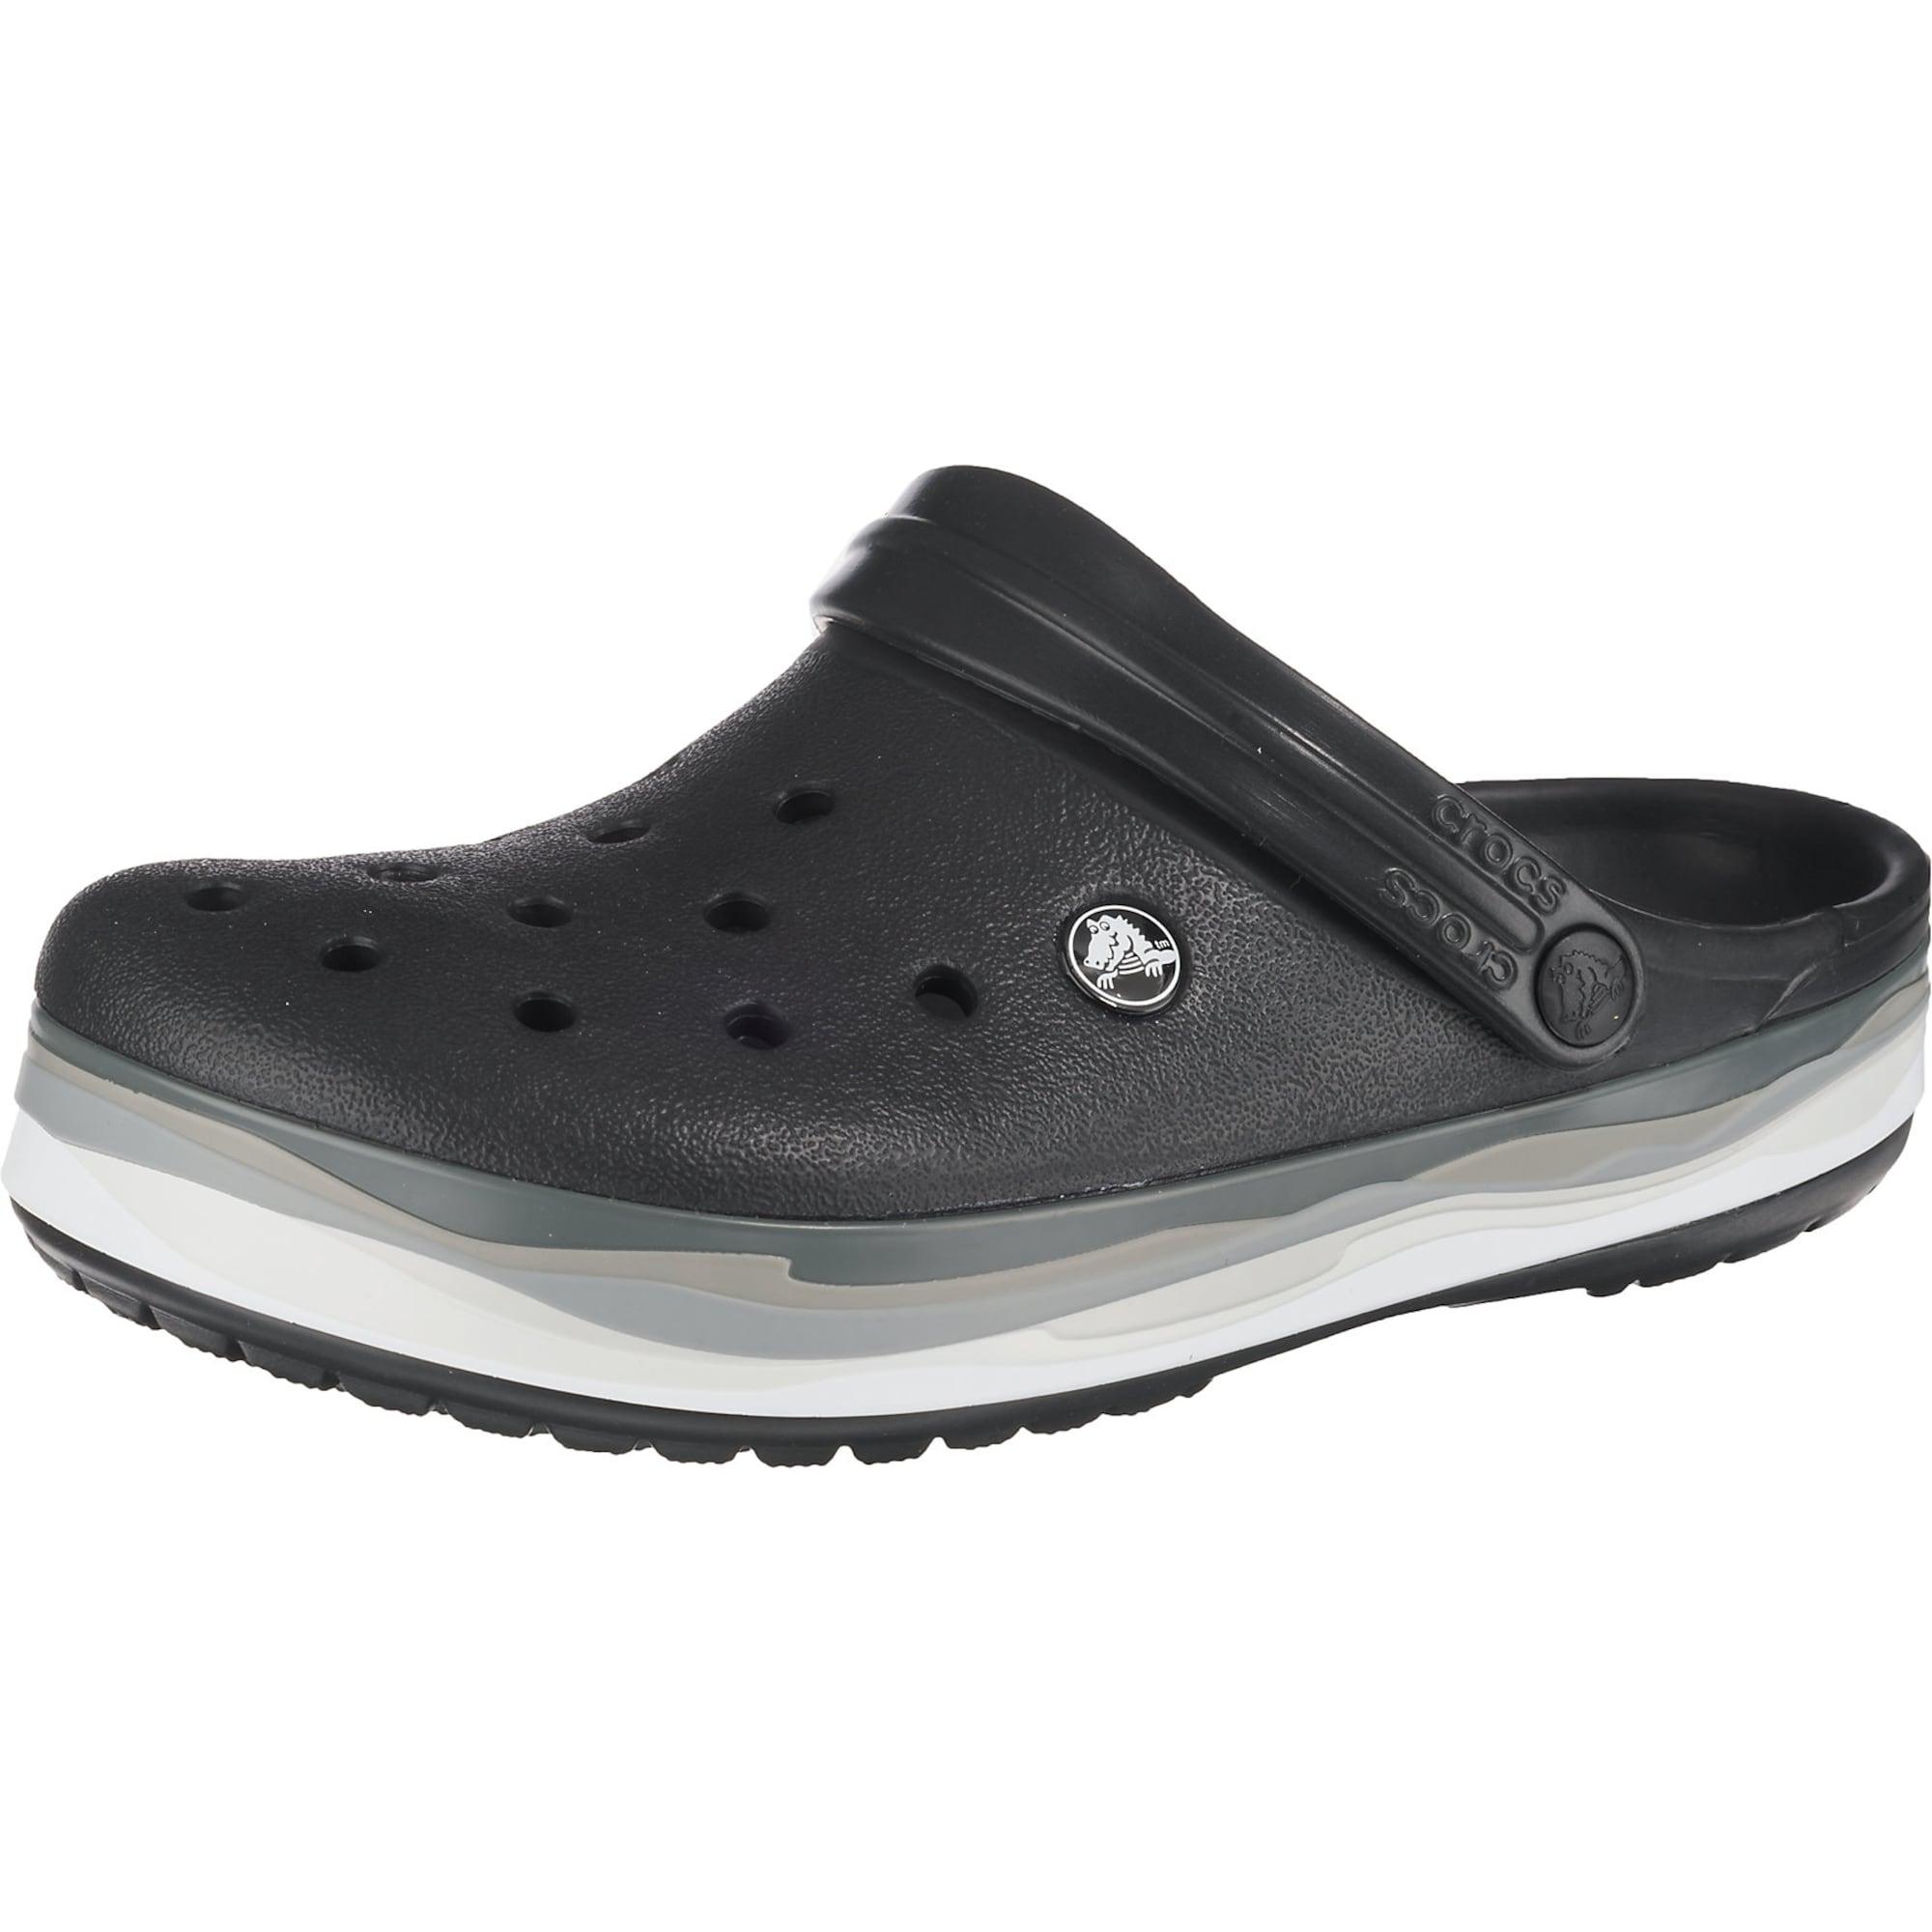 Clogs | Schuhe > Clogs & Pantoletten > Clogs | Crocs